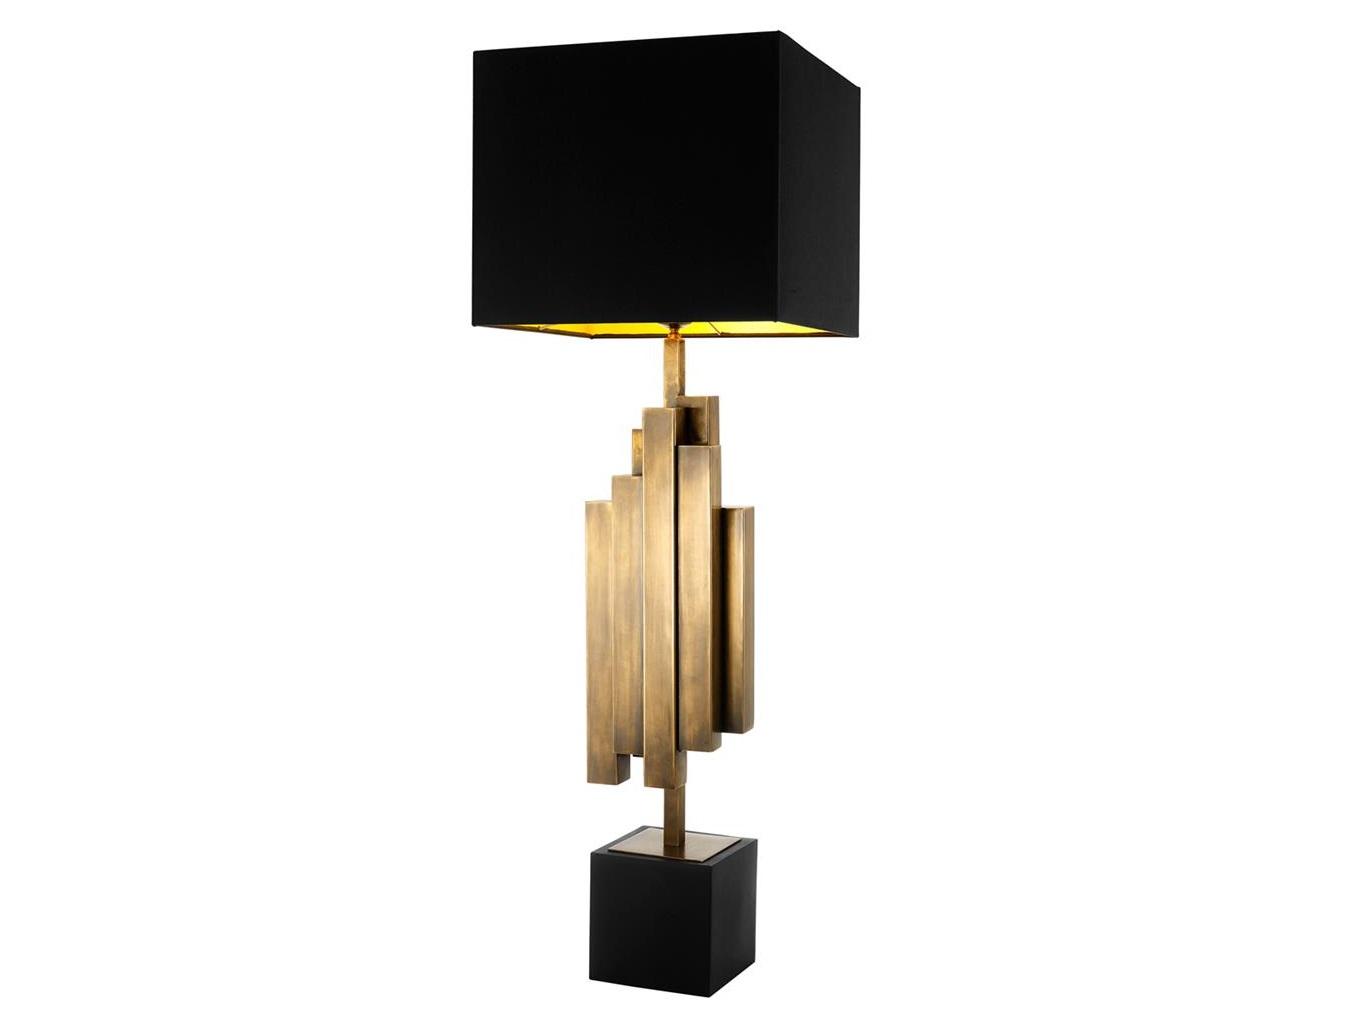 Настольная лампа Table Lamp Beau RivageДекоративные лампы<br>&amp;lt;div&amp;gt;Вид цоколя: E27&amp;lt;br&amp;gt;&amp;lt;/div&amp;gt;&amp;lt;div&amp;gt;&amp;lt;div&amp;gt;Мощность: 40W&amp;lt;/div&amp;gt;&amp;lt;div&amp;gt;Количество ламп: 1 (нет в комплекте)&amp;lt;/div&amp;gt;&amp;lt;/div&amp;gt;<br><br>Material: Металл<br>Width см: 35<br>Depth см: 18<br>Height см: 105,5